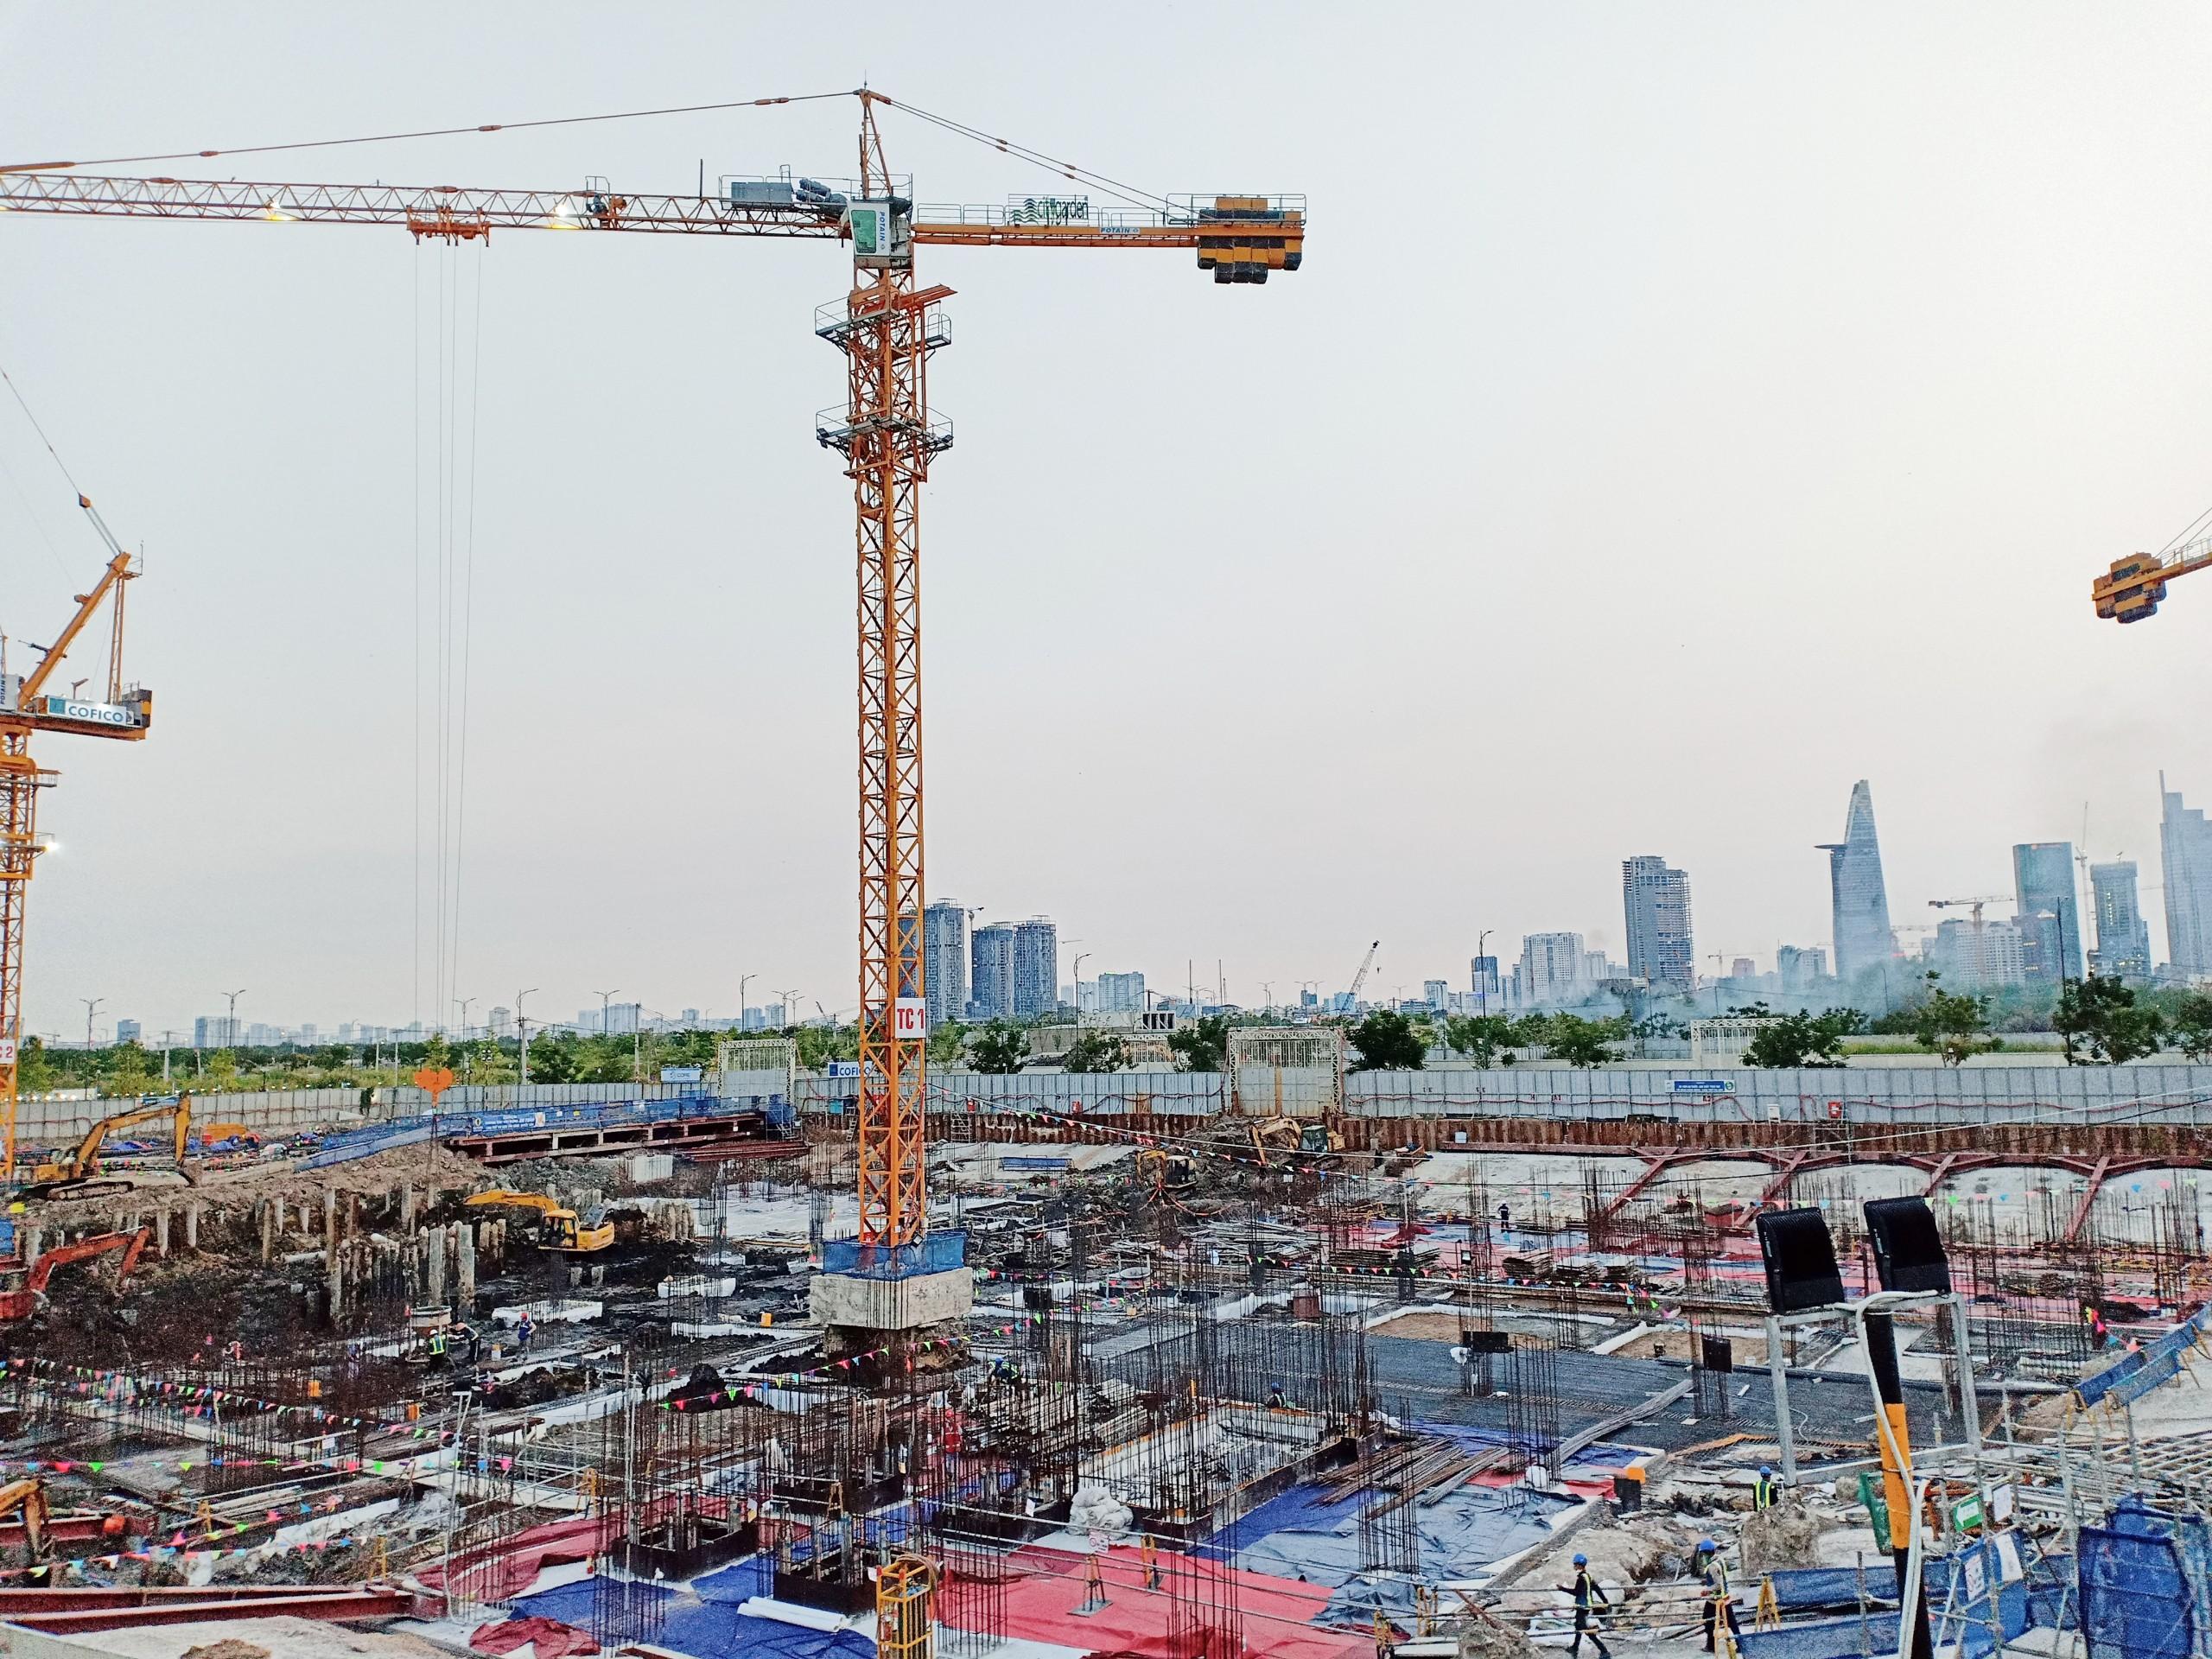 Lợi nhuận quí I/2020 của CII đột biến nhờ hạch toán giá trị chuyển nhượng 80% vốn tại Thủ Thiêm River Park - Ảnh 3.